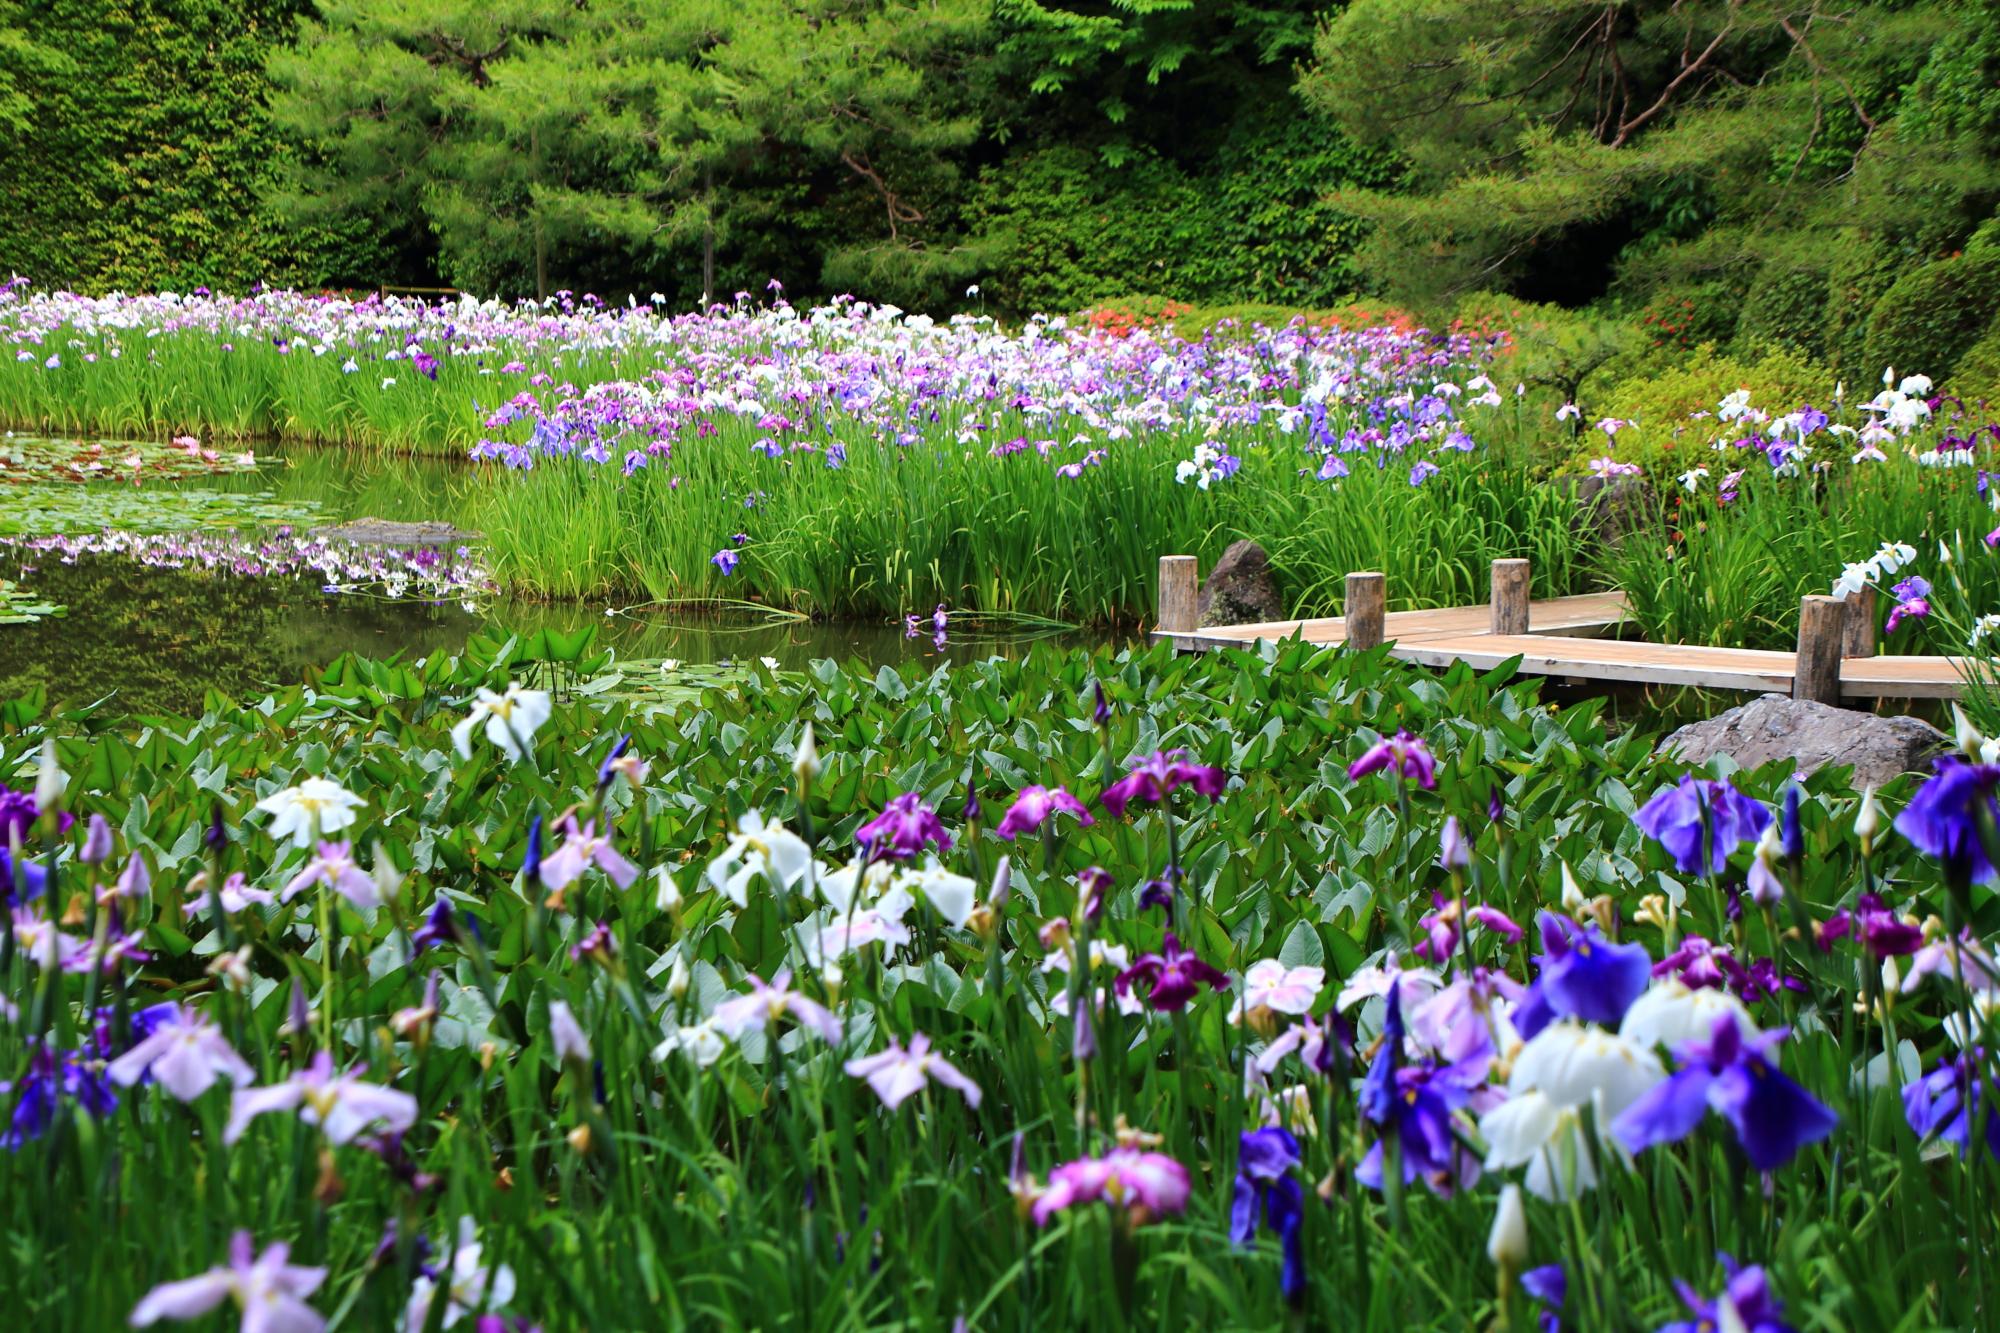 平安神宮 花菖蒲 水辺を華やぐ上品な初夏の彩り